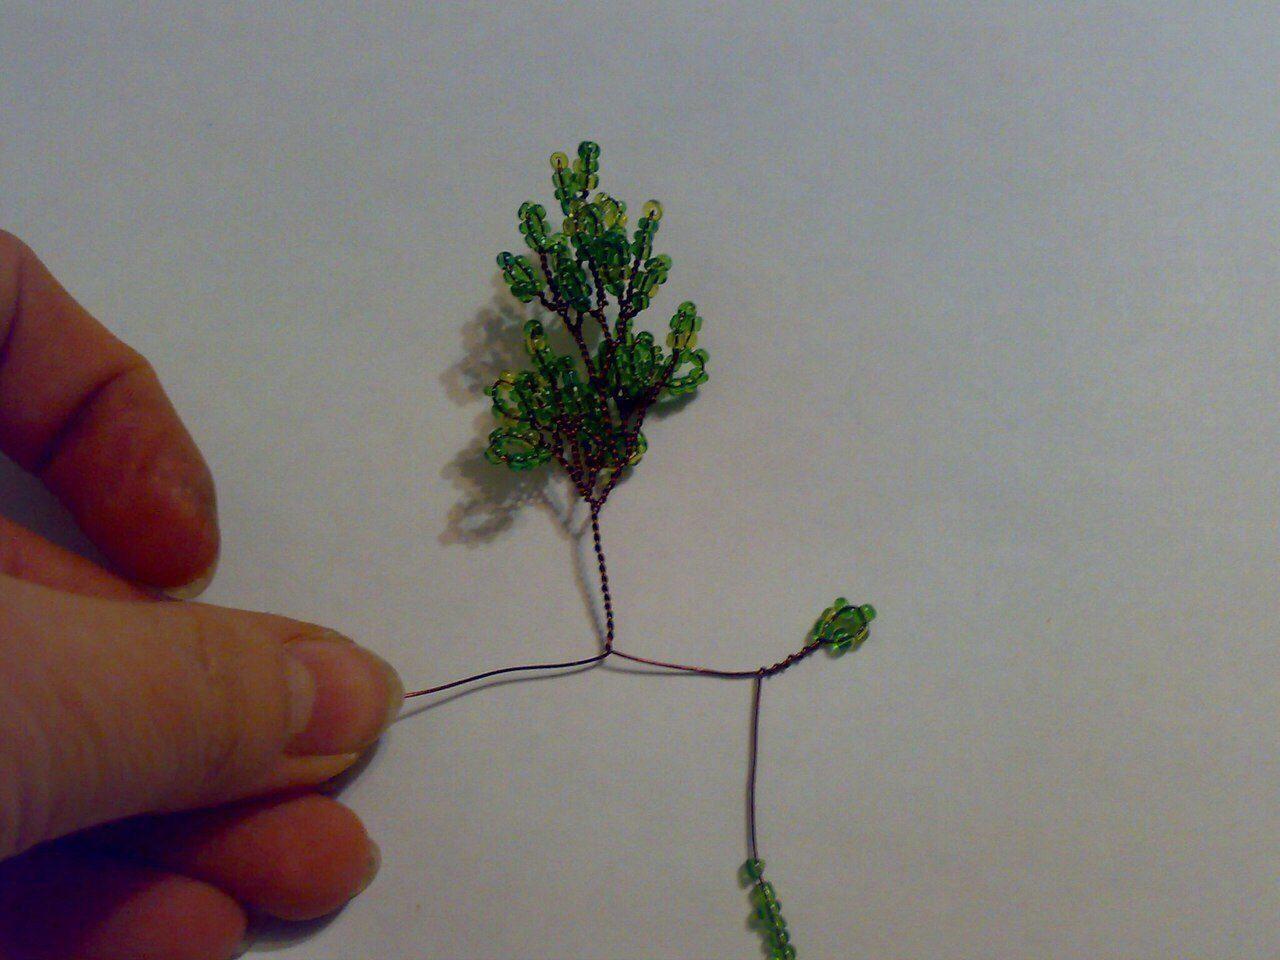 Деревья Image?id=867746748003&t=3&plc=WEB&tkn=*riyo9_wOn-xVsVoqa__36i60nJE